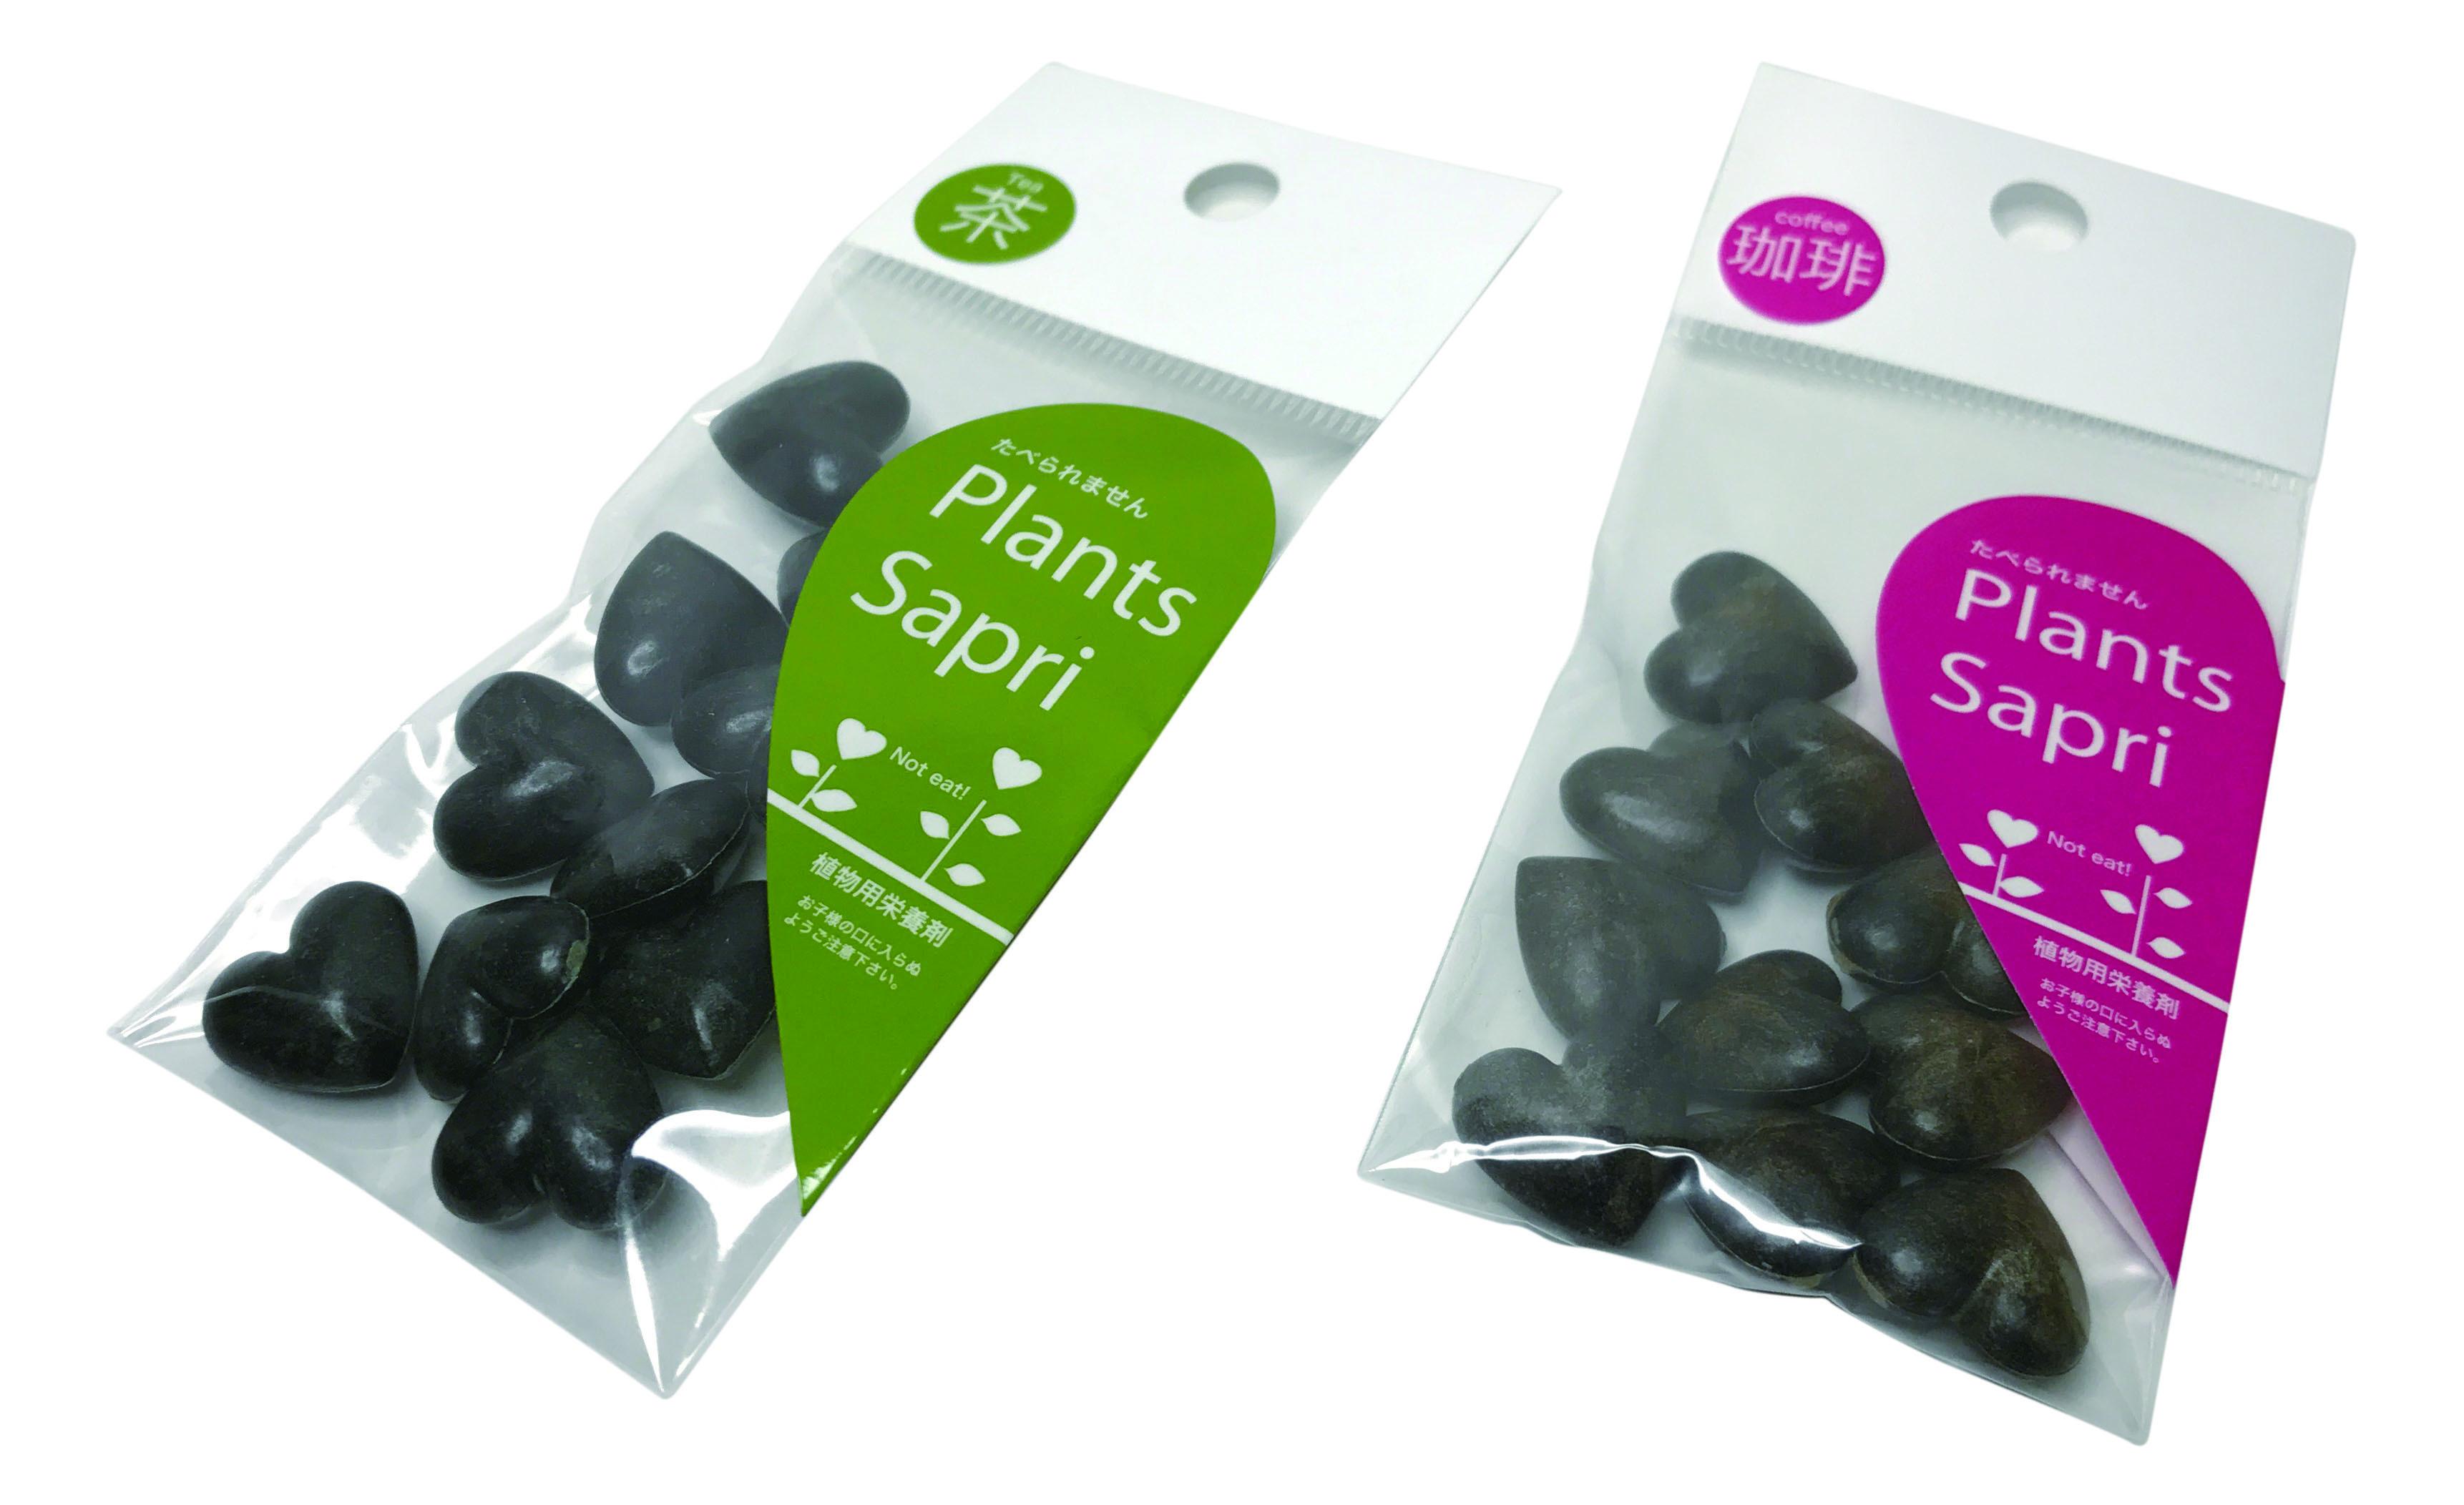 レンブロック プランツサプリ *植物用栄養補助剤*